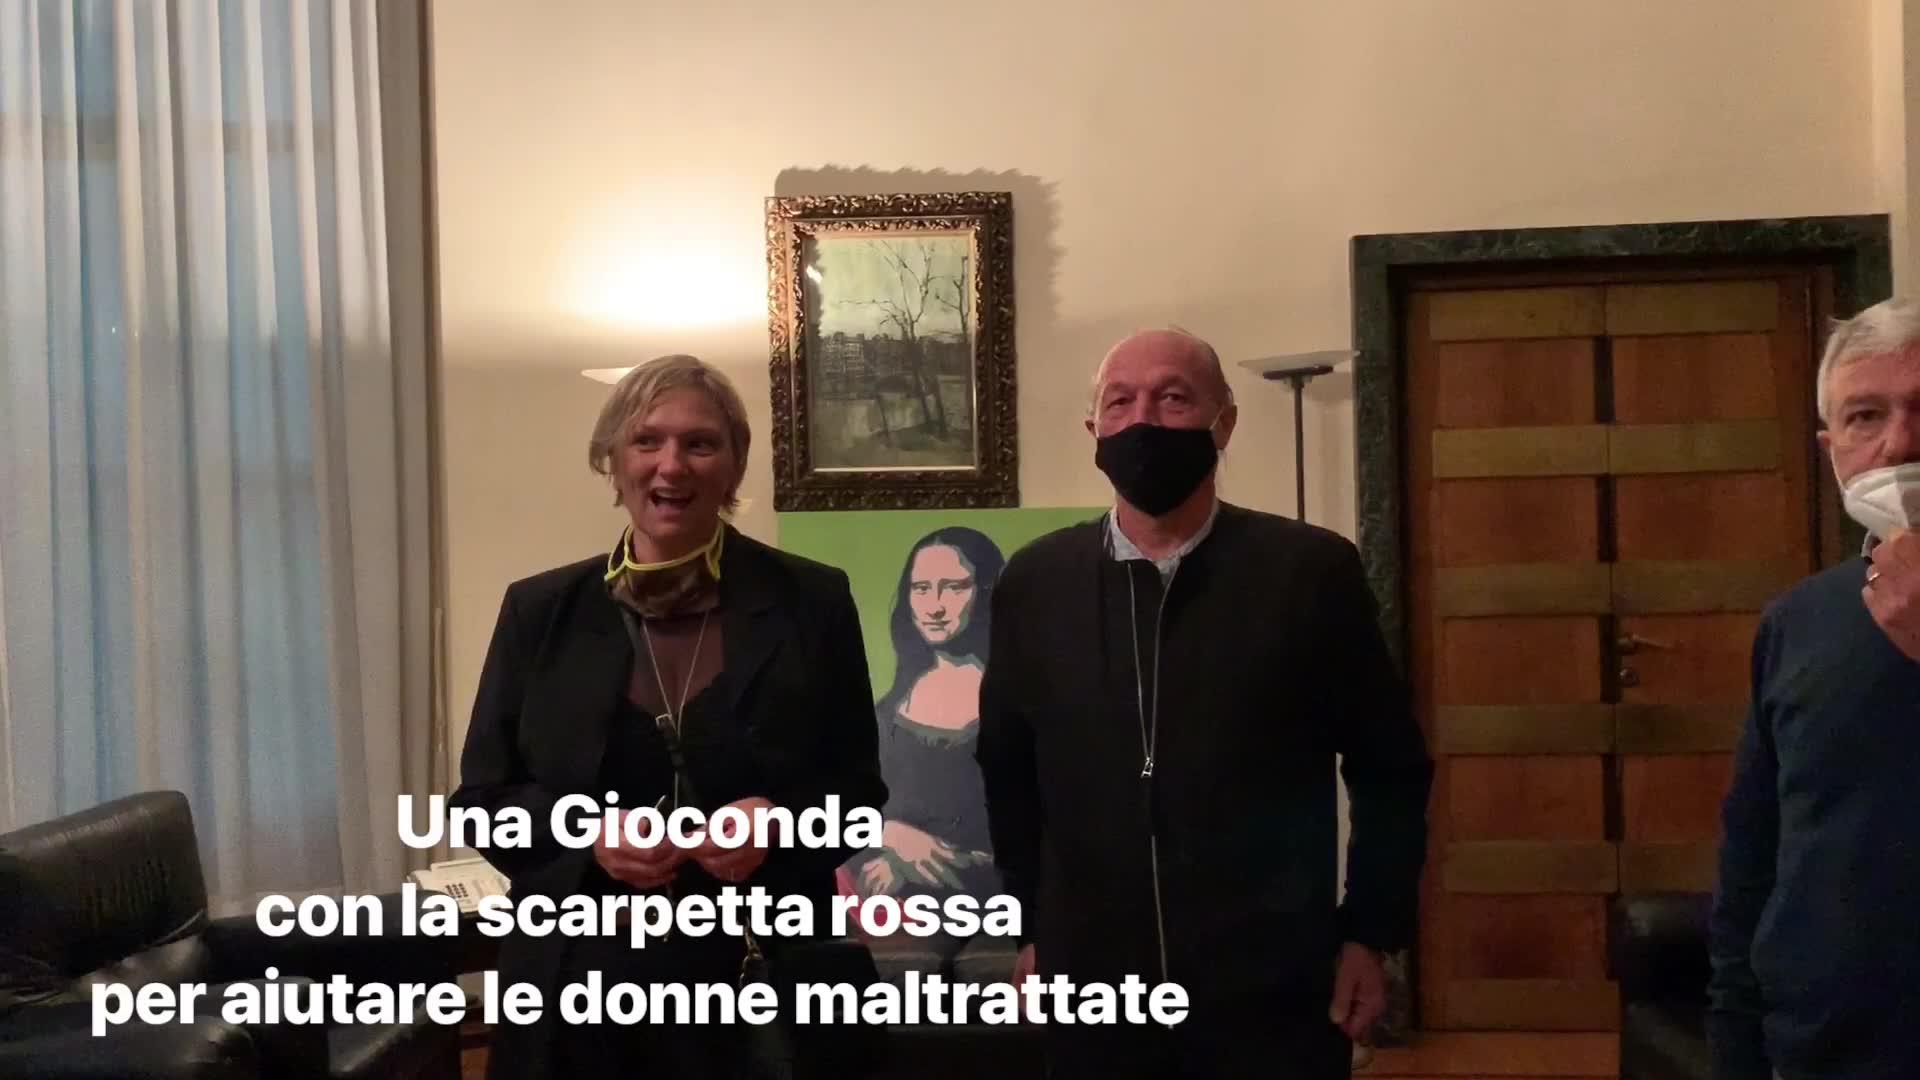 Video: Una gioconda in Questura per aiutare le donne maltrattate